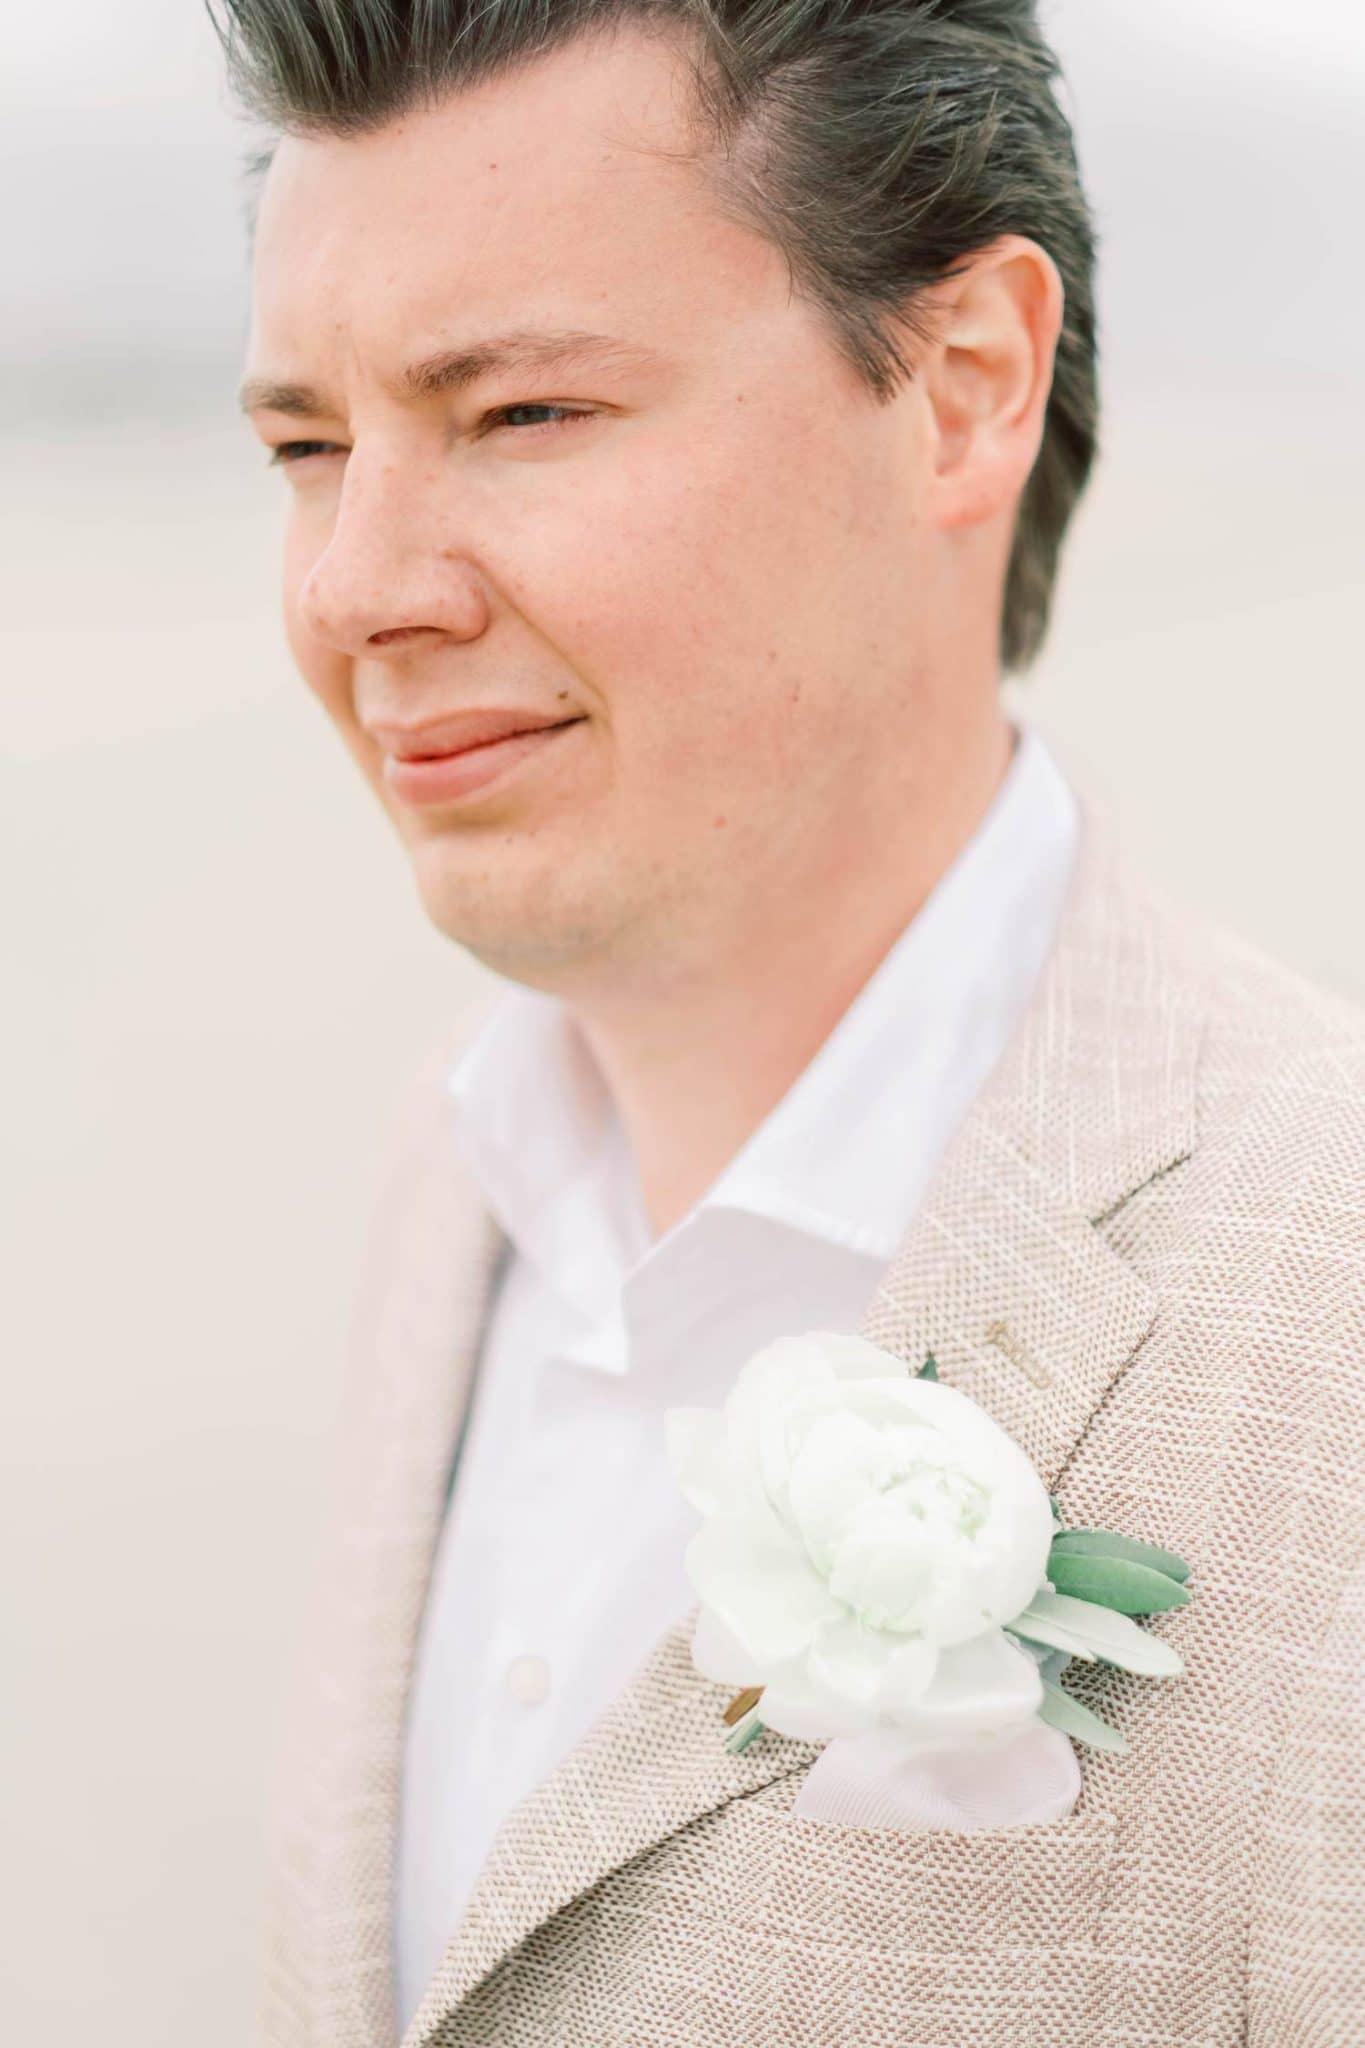 huwelijksfotograaf gert huygaerts